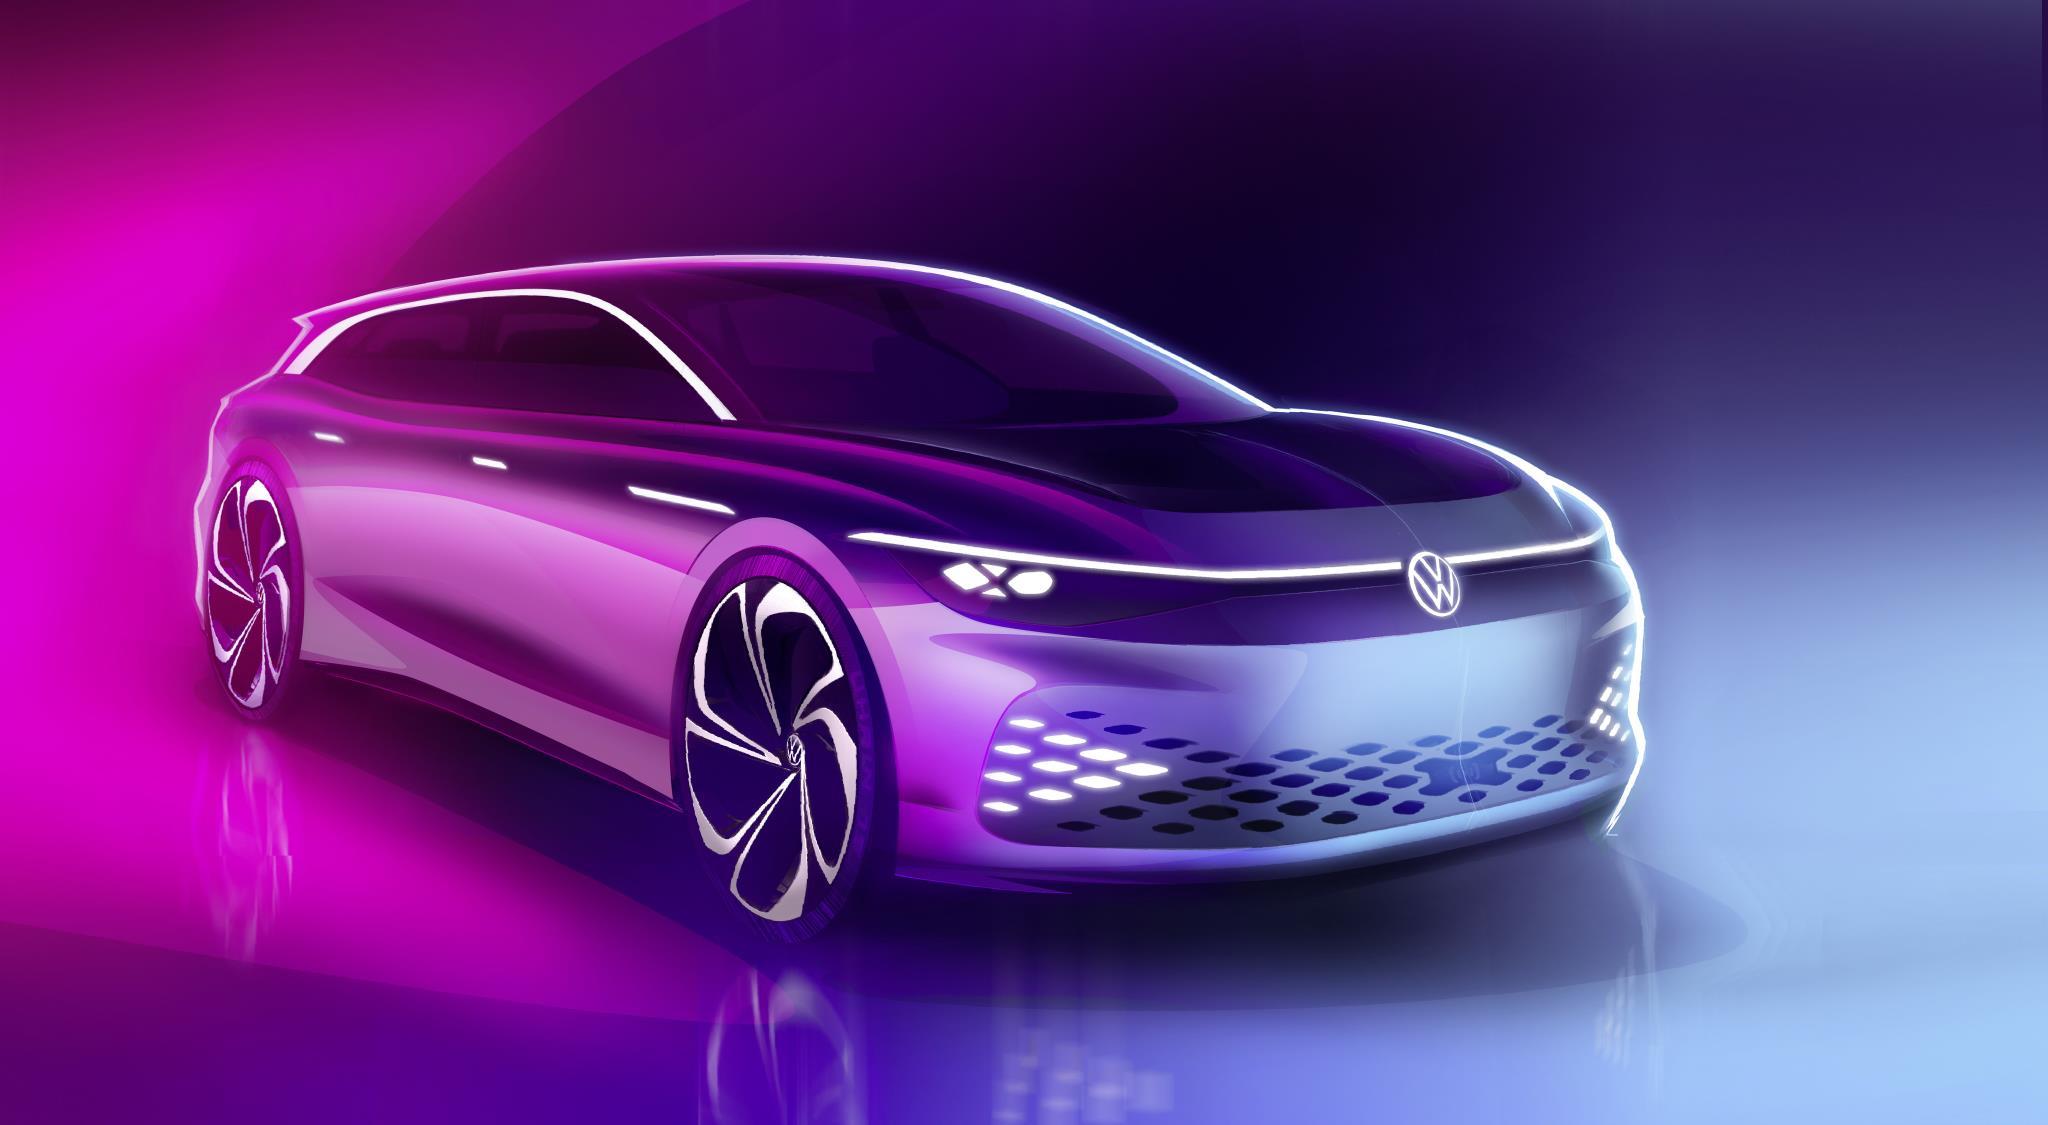 Desenho do conceito de station wagon traz os traços da perua elétrica VW